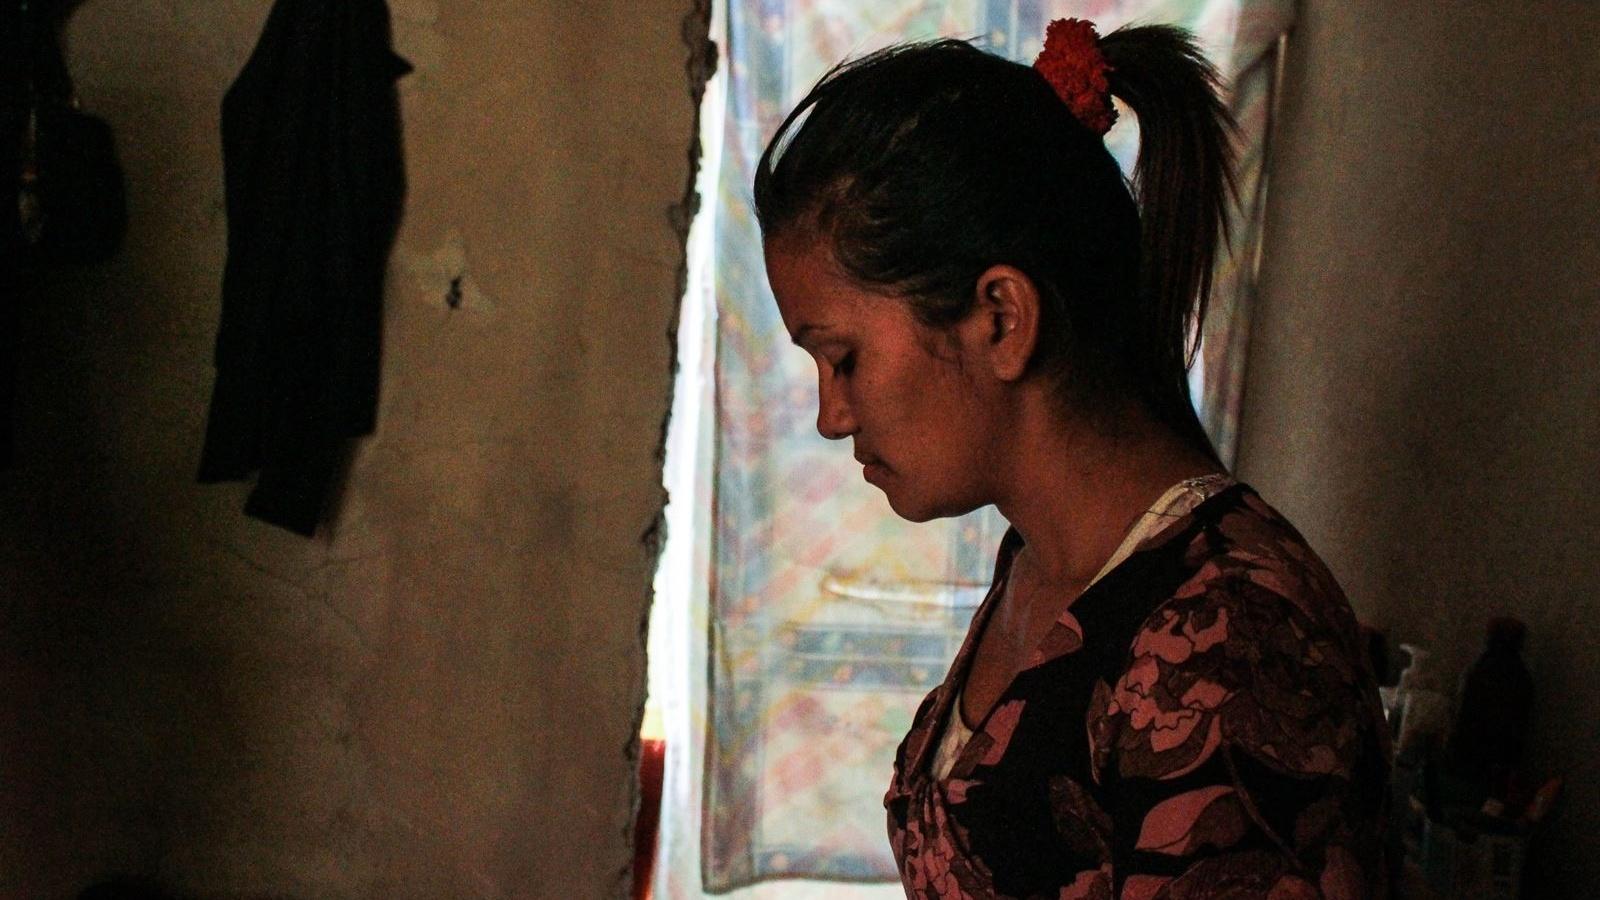 El difícil comienzo de Jesmary en Colombia